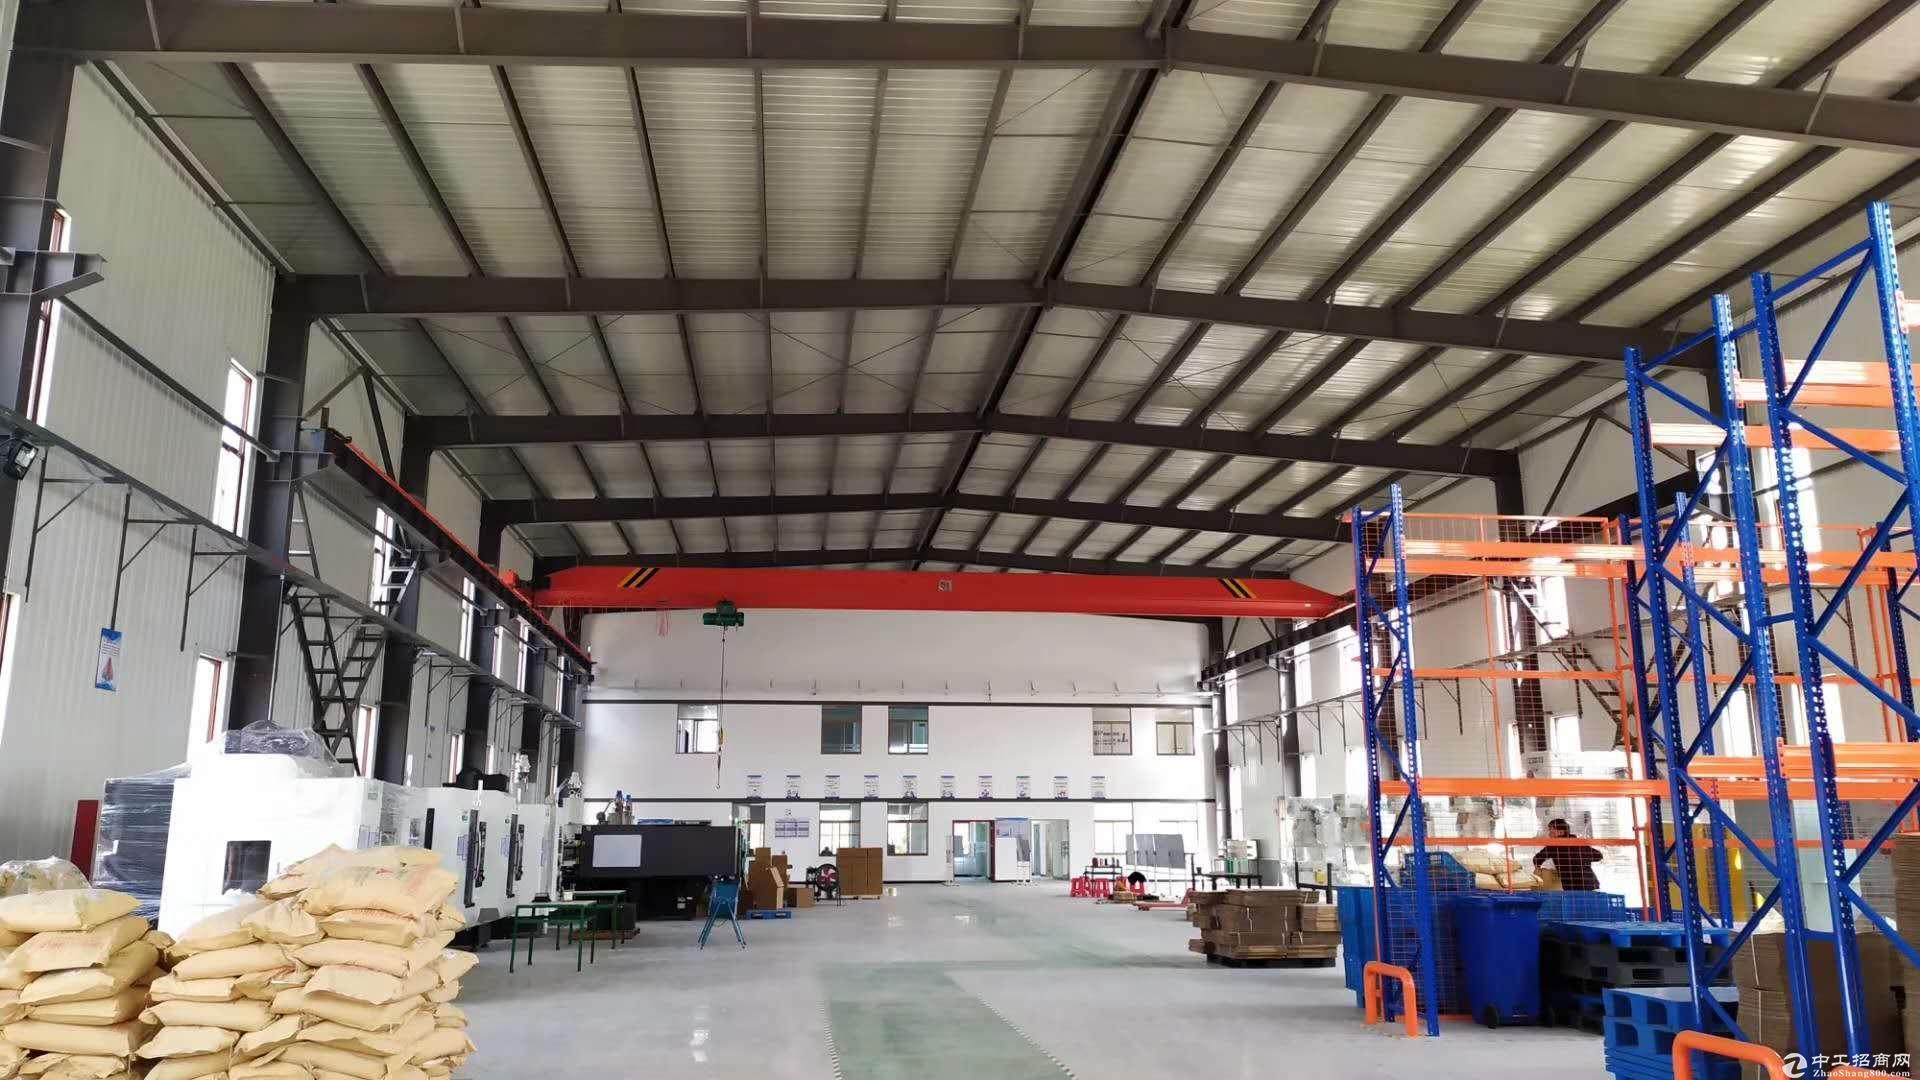 (少量)南通明星小户型标厂,上海苏州南通制造业企业主的选择